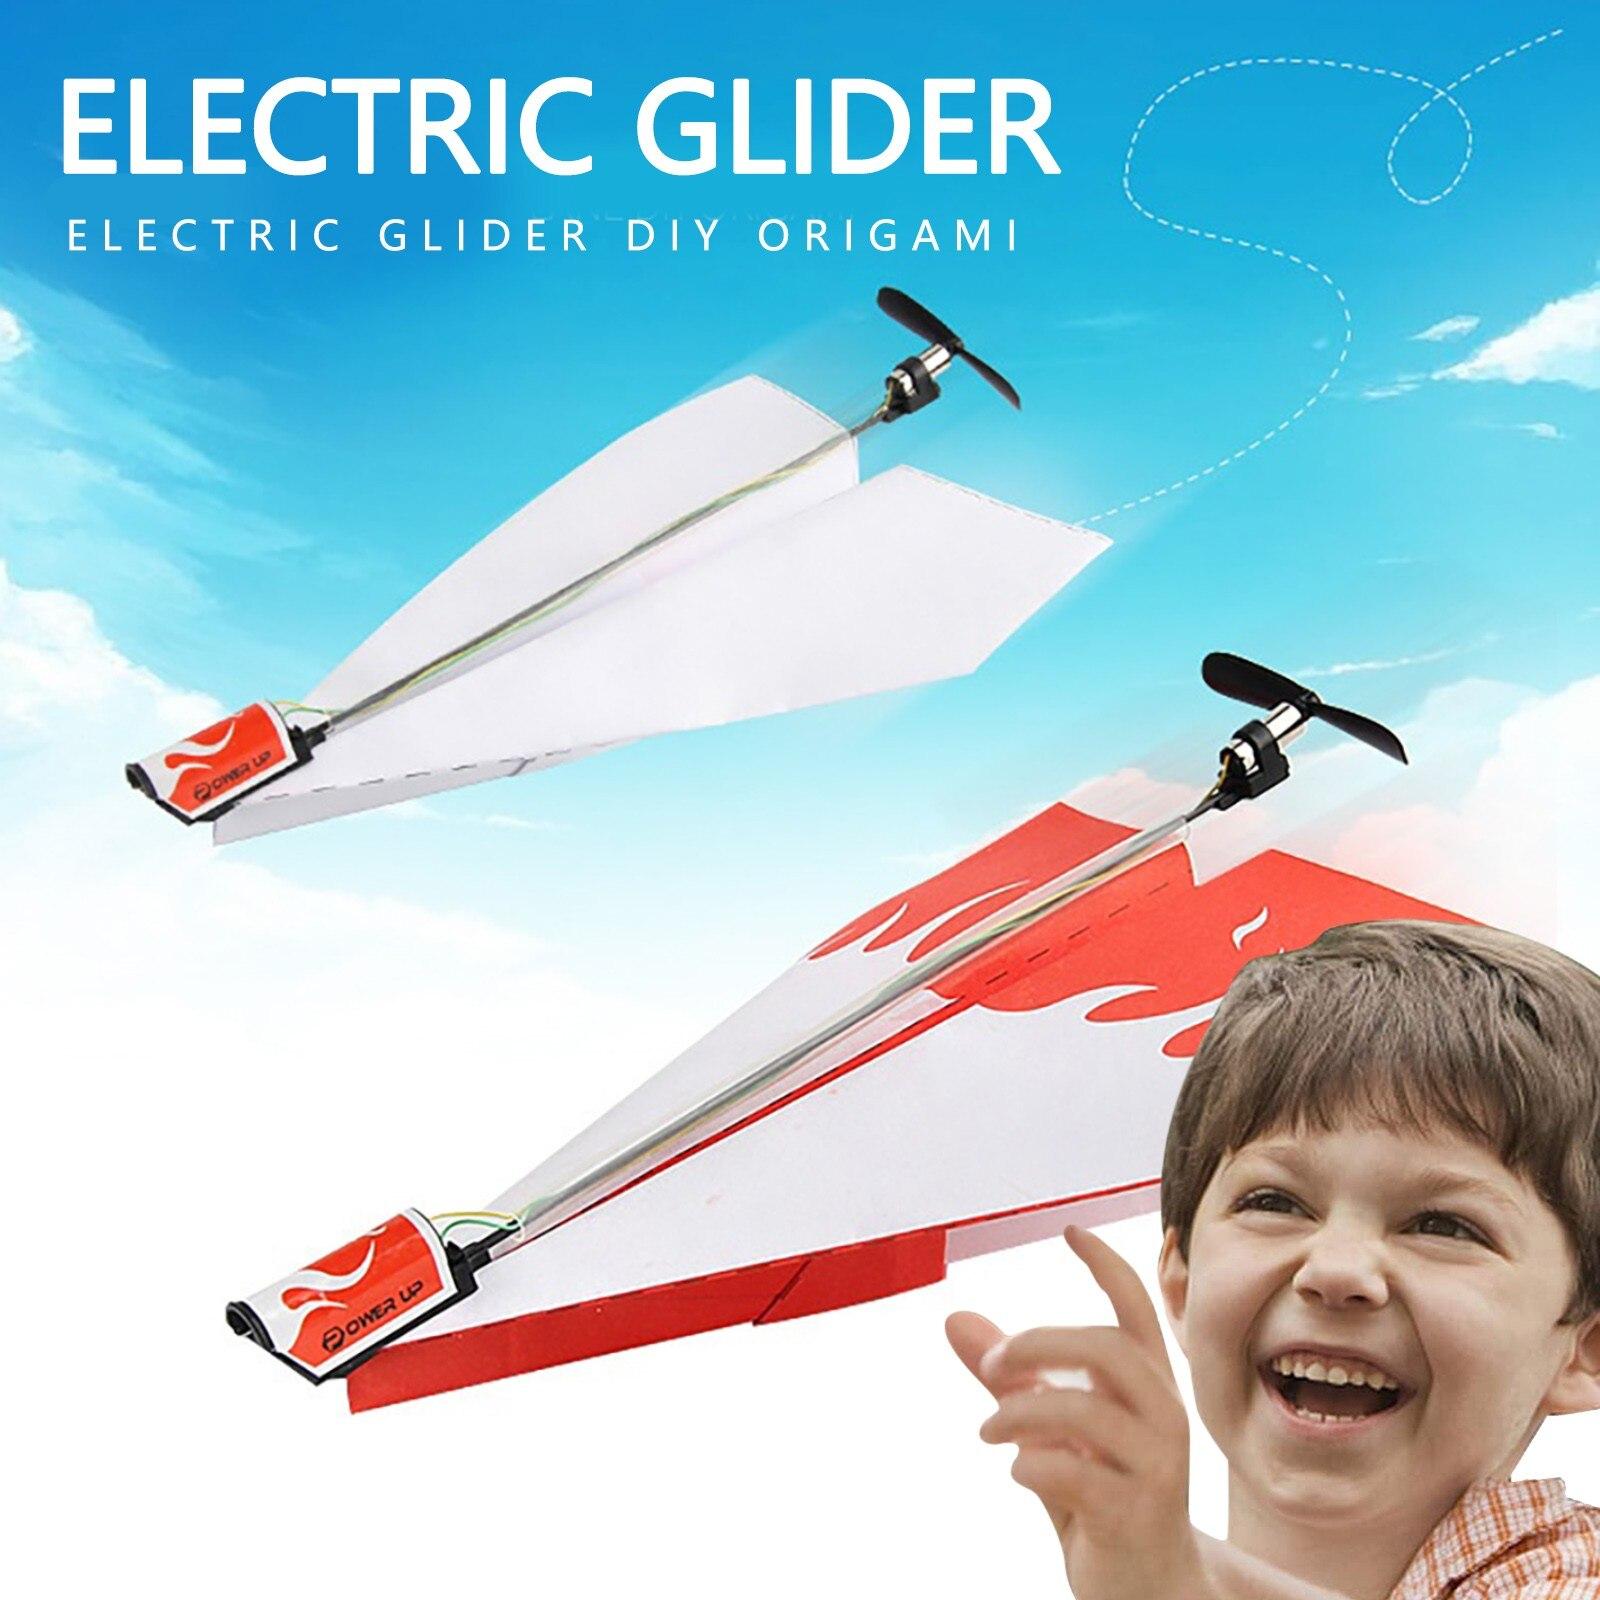 Diy hecho a mano eléctrica Motor de avión de papel plegable modelo al aire libre de los niños juguetes educativos juguetes tecnológicos Avión de papel Simple